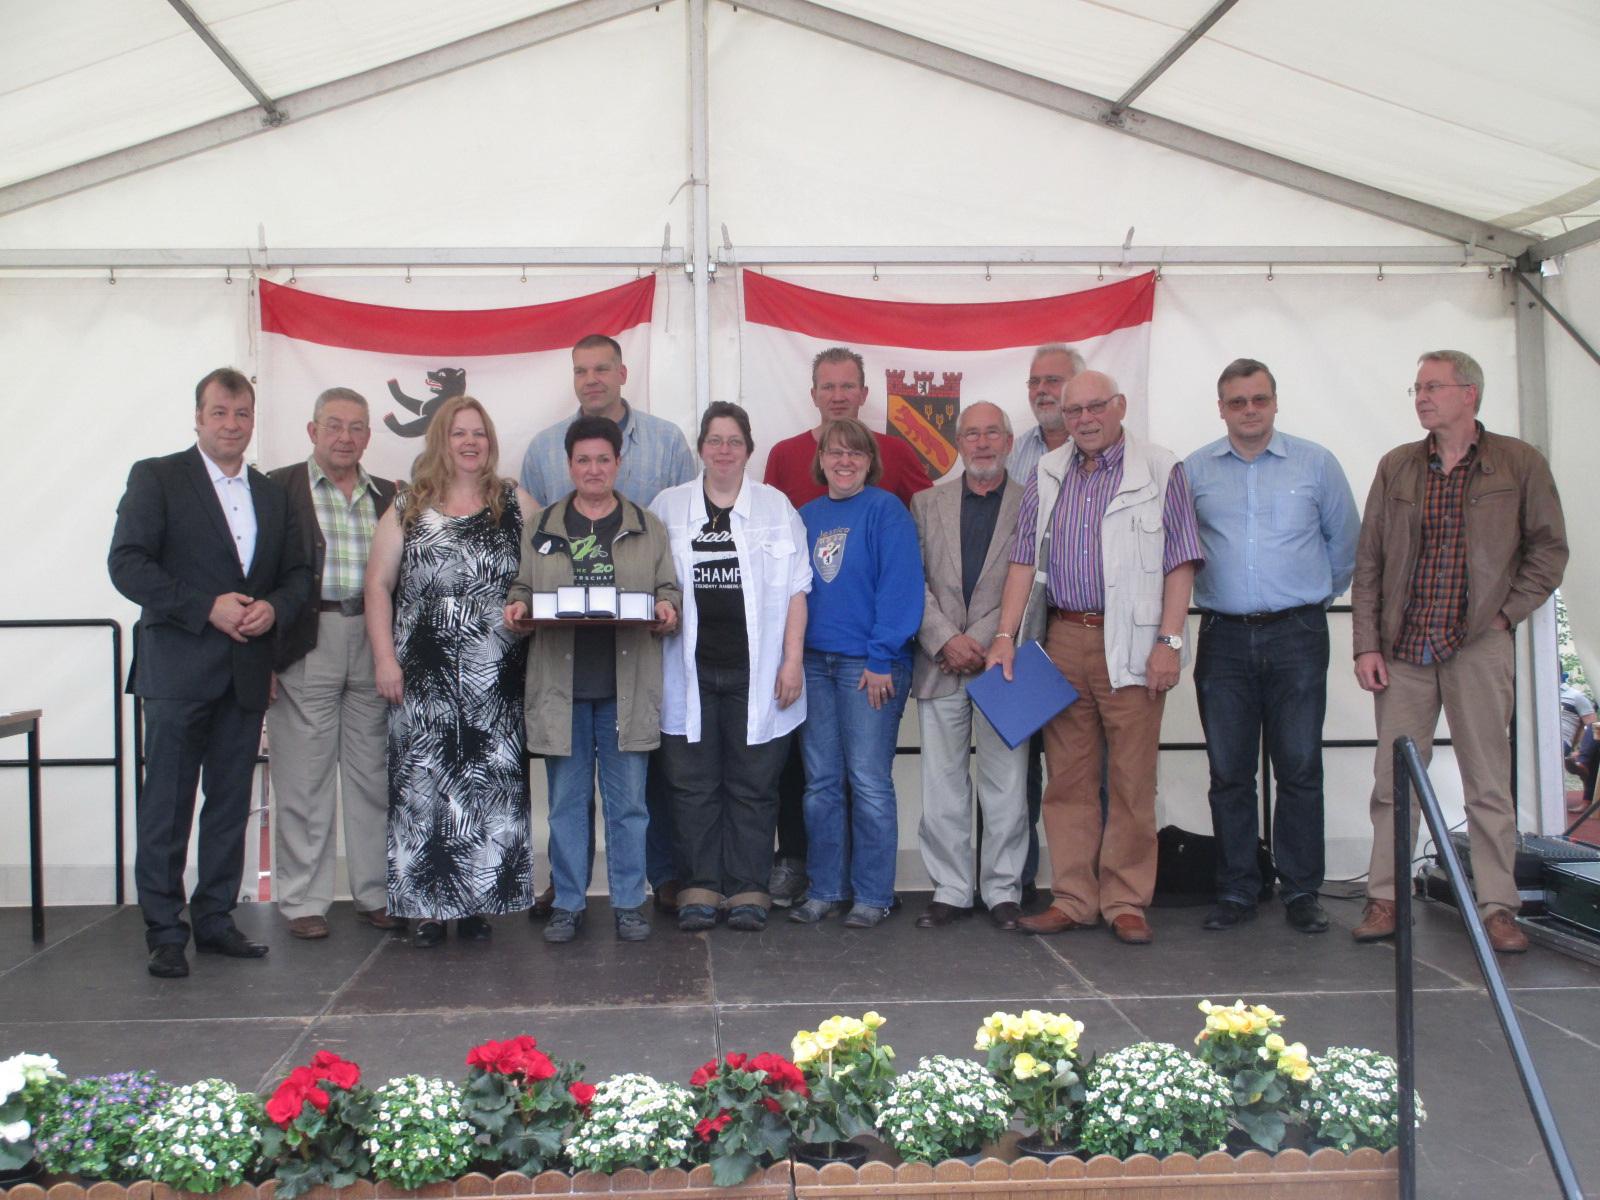 Sportlerehrung 2015 vom Bezirksamt Reinickendorf 2015